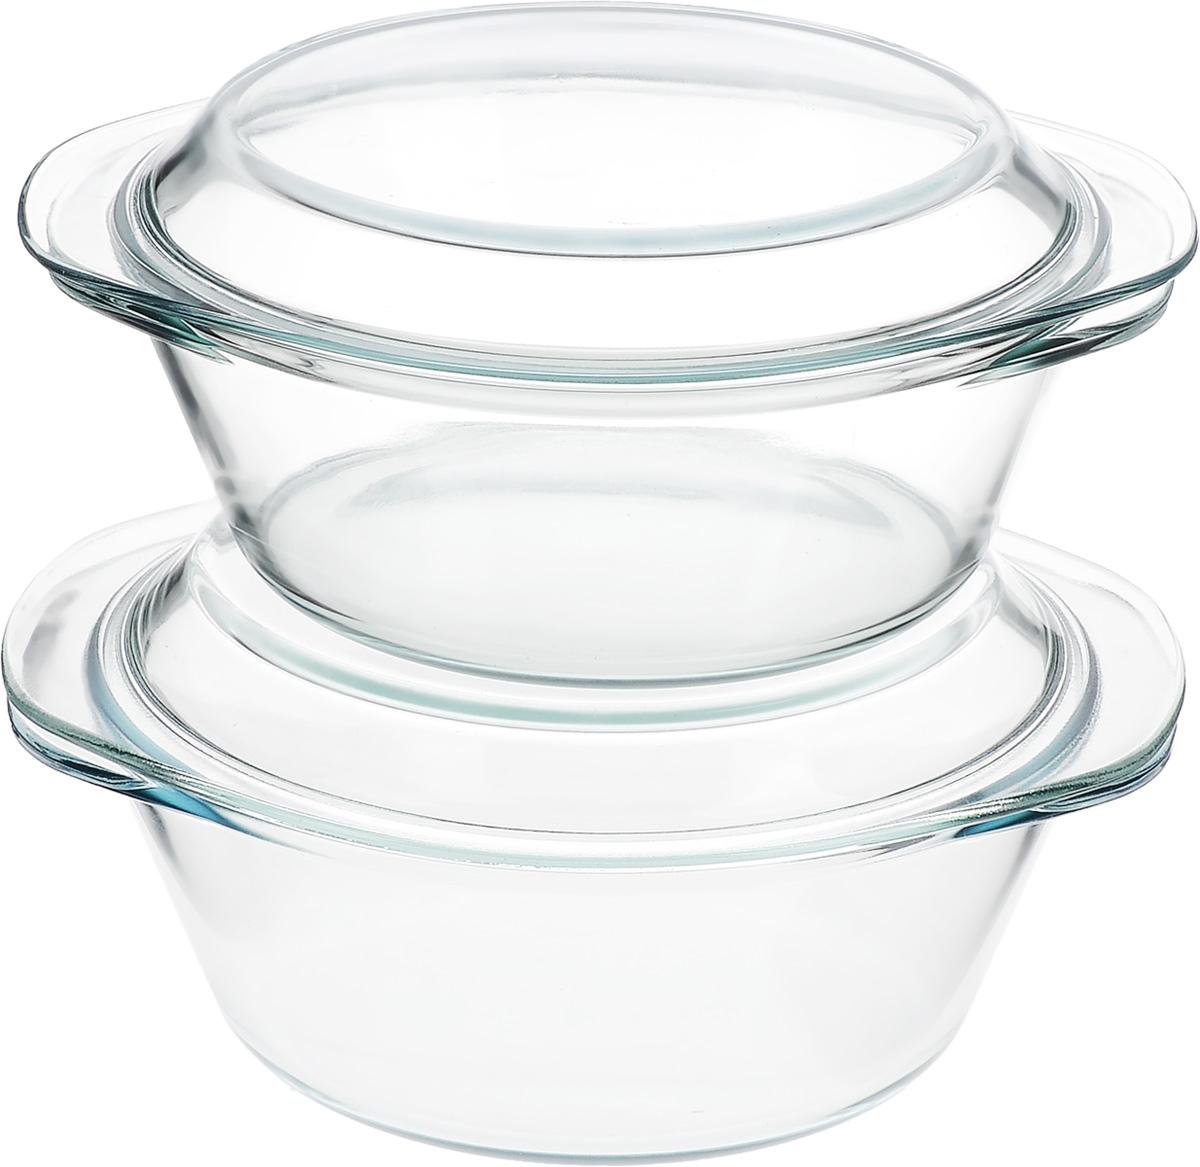 Набор кастрюль Helper Gurman, с крышками, 4 предмета. 45124512Набор Helper Gurman состоит из двух кастрюль с крышками. Кастрюли изготовлены из жаропрочного стекла. Стеклянная огнеупорная посуда идеальна для приготовления блюд в духовке, микроволновой печи, а также для хранения продуктов в холодильнике и морозильной камере. Безопасна с точки зрения экологии. Не вступает в реакции с готовящейся пищей, не боится кислот и солей. Не ржавеет, в ней не появляется накипь. Не впитывает запахи и жир. Благодаря прозрачности стекла, за едой можно наблюдать при ее готовке. Изделия оснащены небольшими ручками. Можно мыть в посудомоечной машине. Объем кастрюль: 1,8 л, 2,3 л. Диаметр кастрюль: 21 см, 22 см. Высота стенки кастрюль: 7,5 см, 8,5 см.